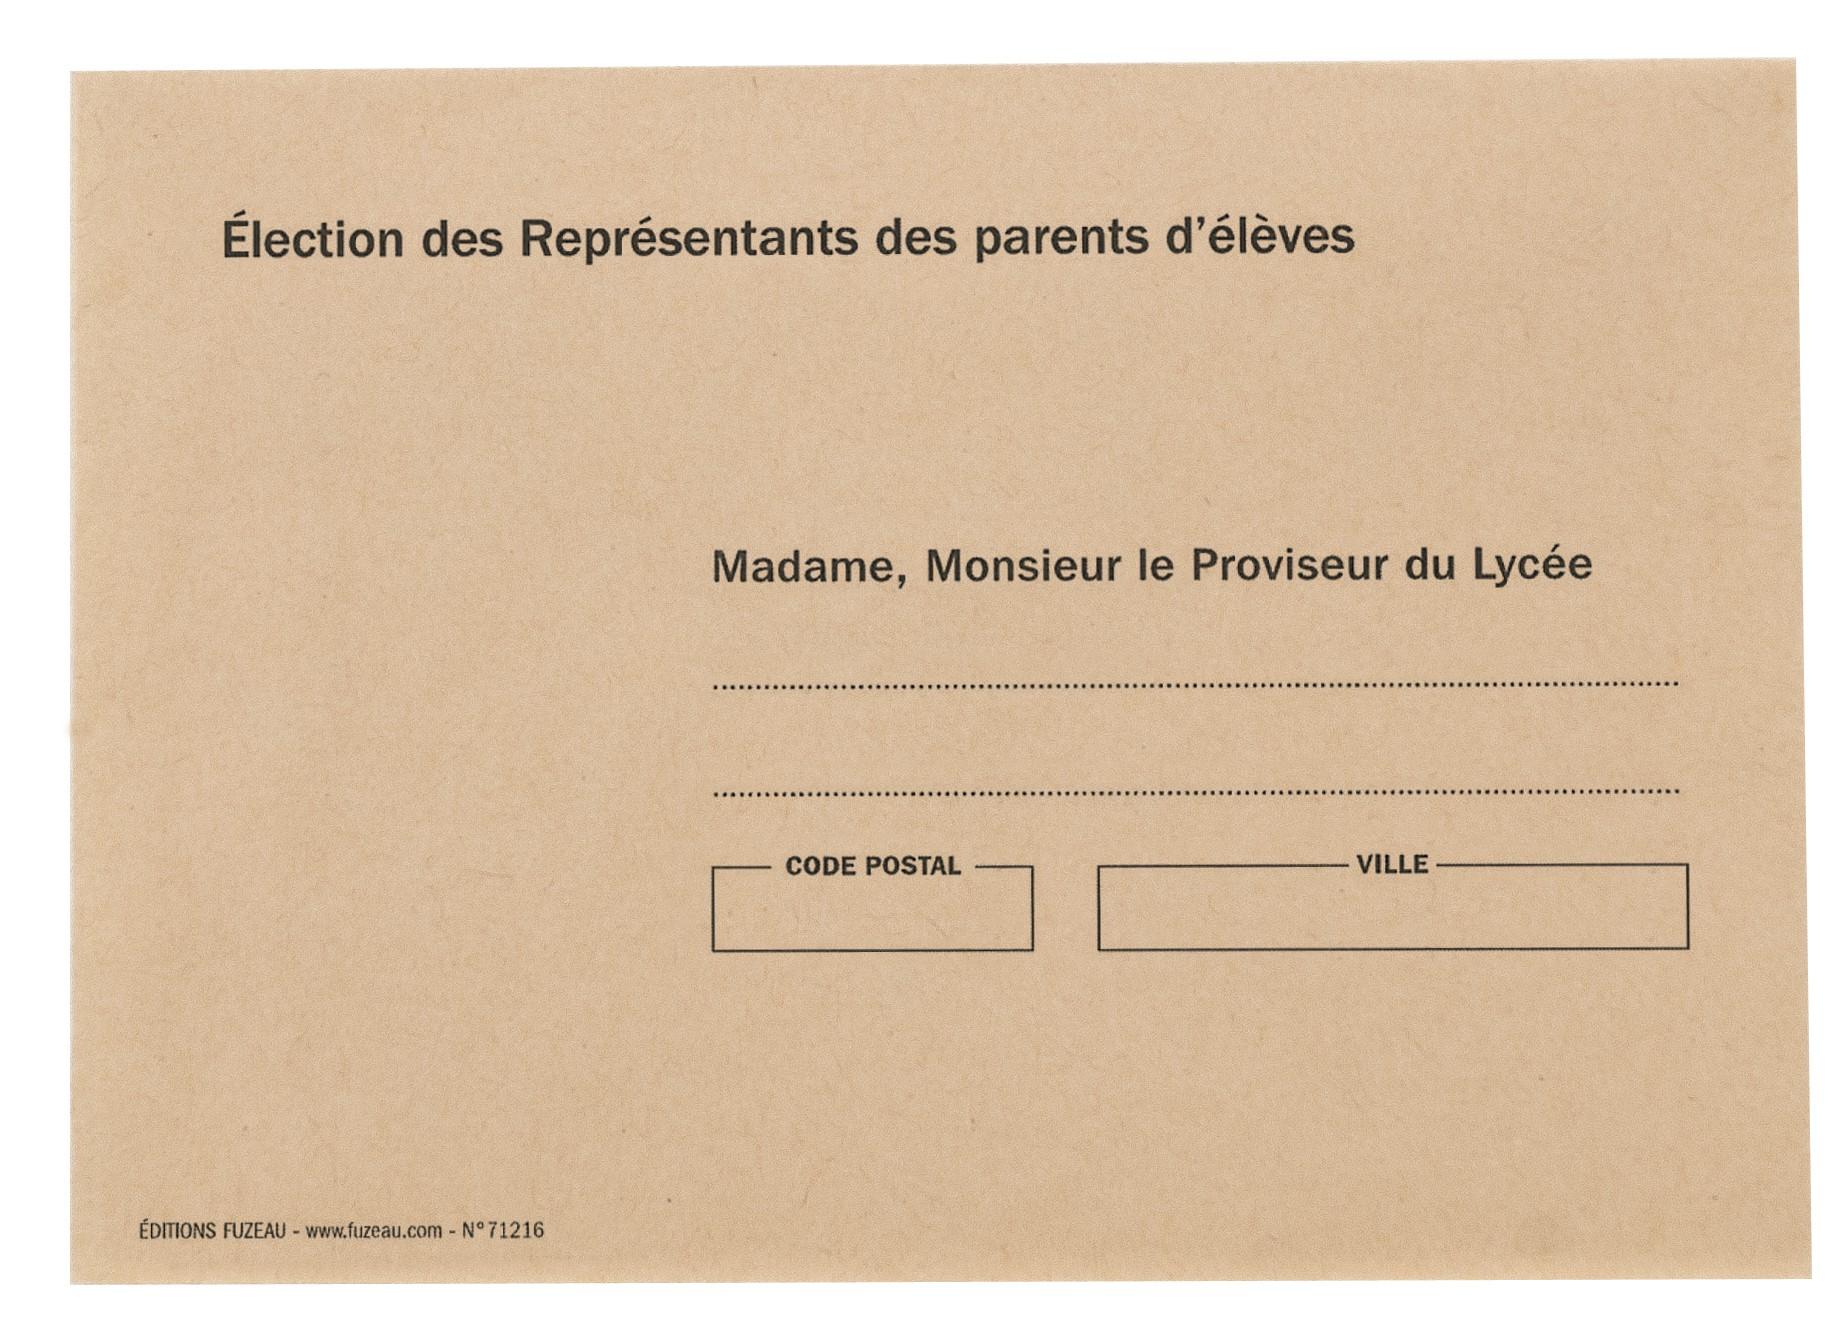 Sample teachers resume for new teachers film school for Enveloppe fenetre word